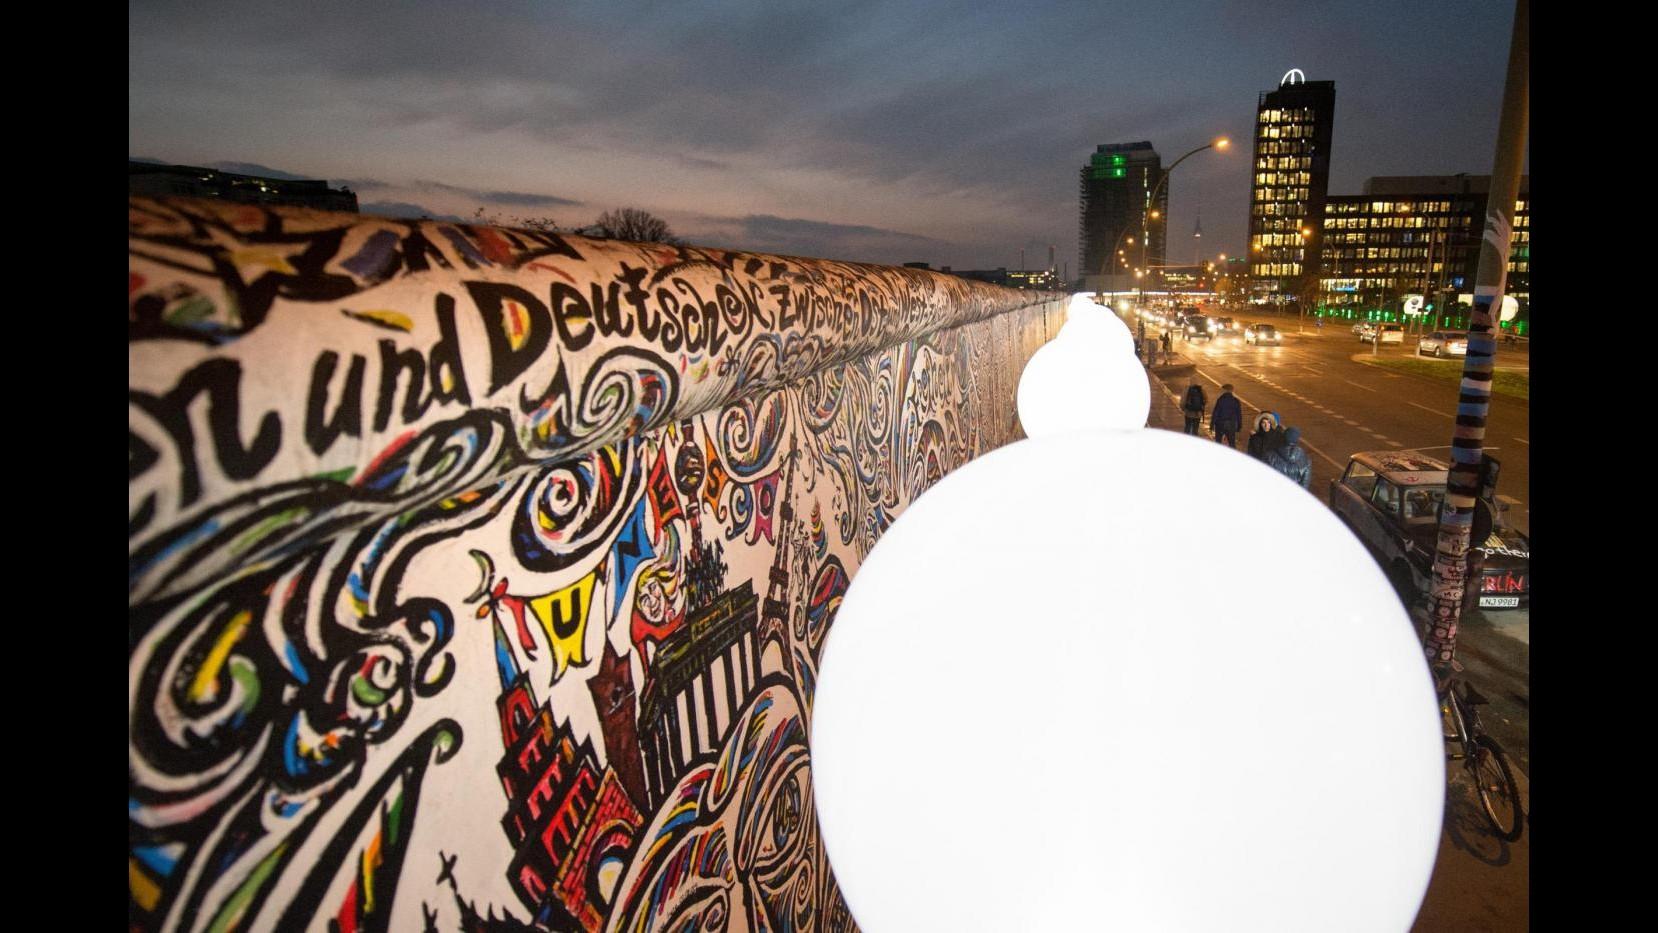 Muro Berlino, accesi 8mila balloons: al via celebrazioni